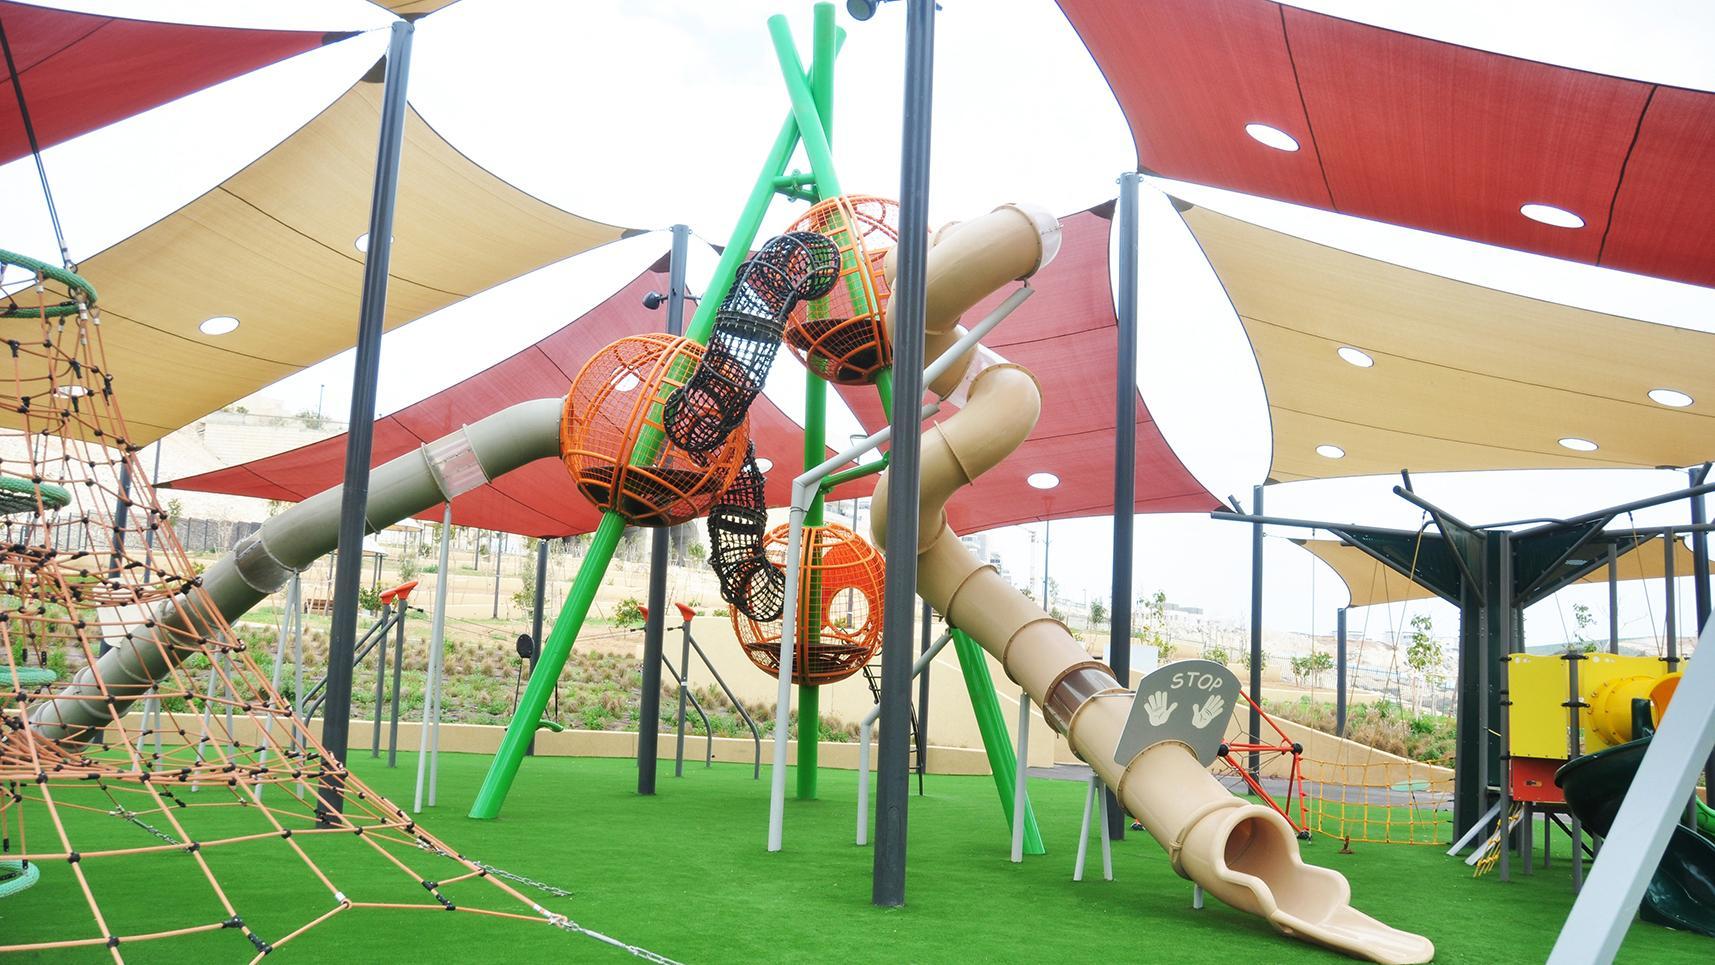 מתקני משחקים | פארק רמות באר שבע | מתקן אקסטרים | מתקני שעשועים